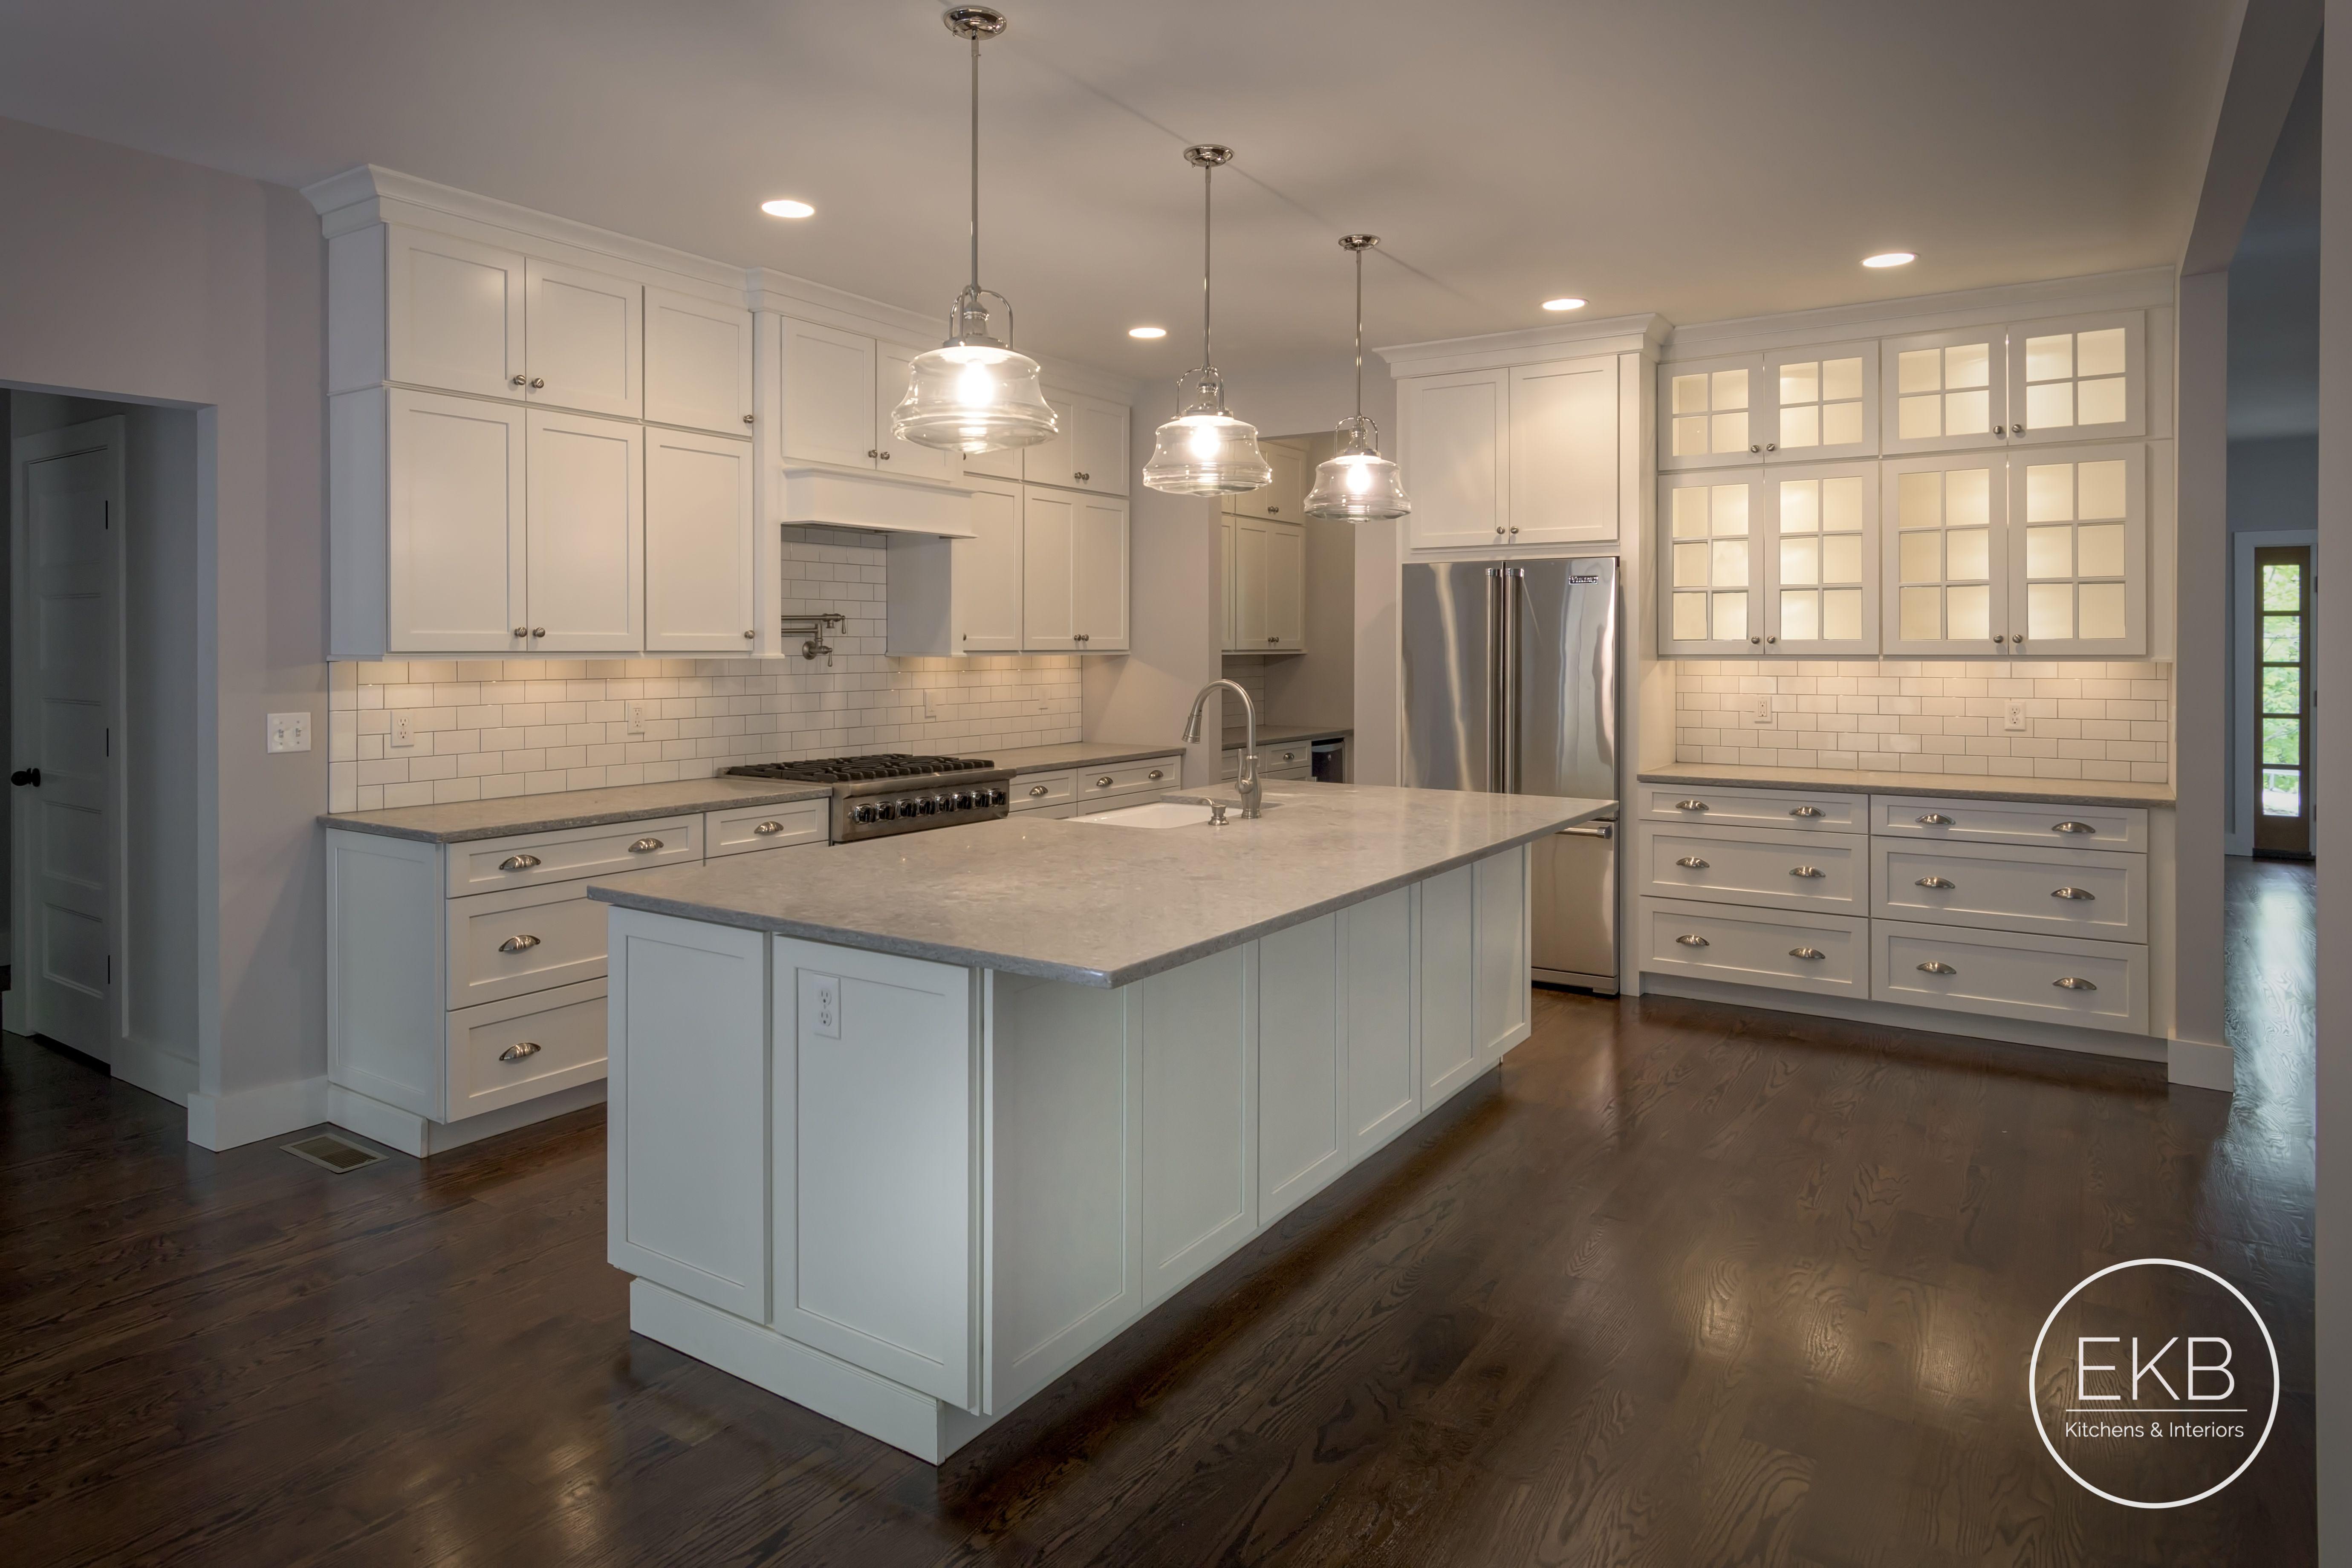 Waypoint Linen Kitchen Silestone Countertops Kitchen Renovation